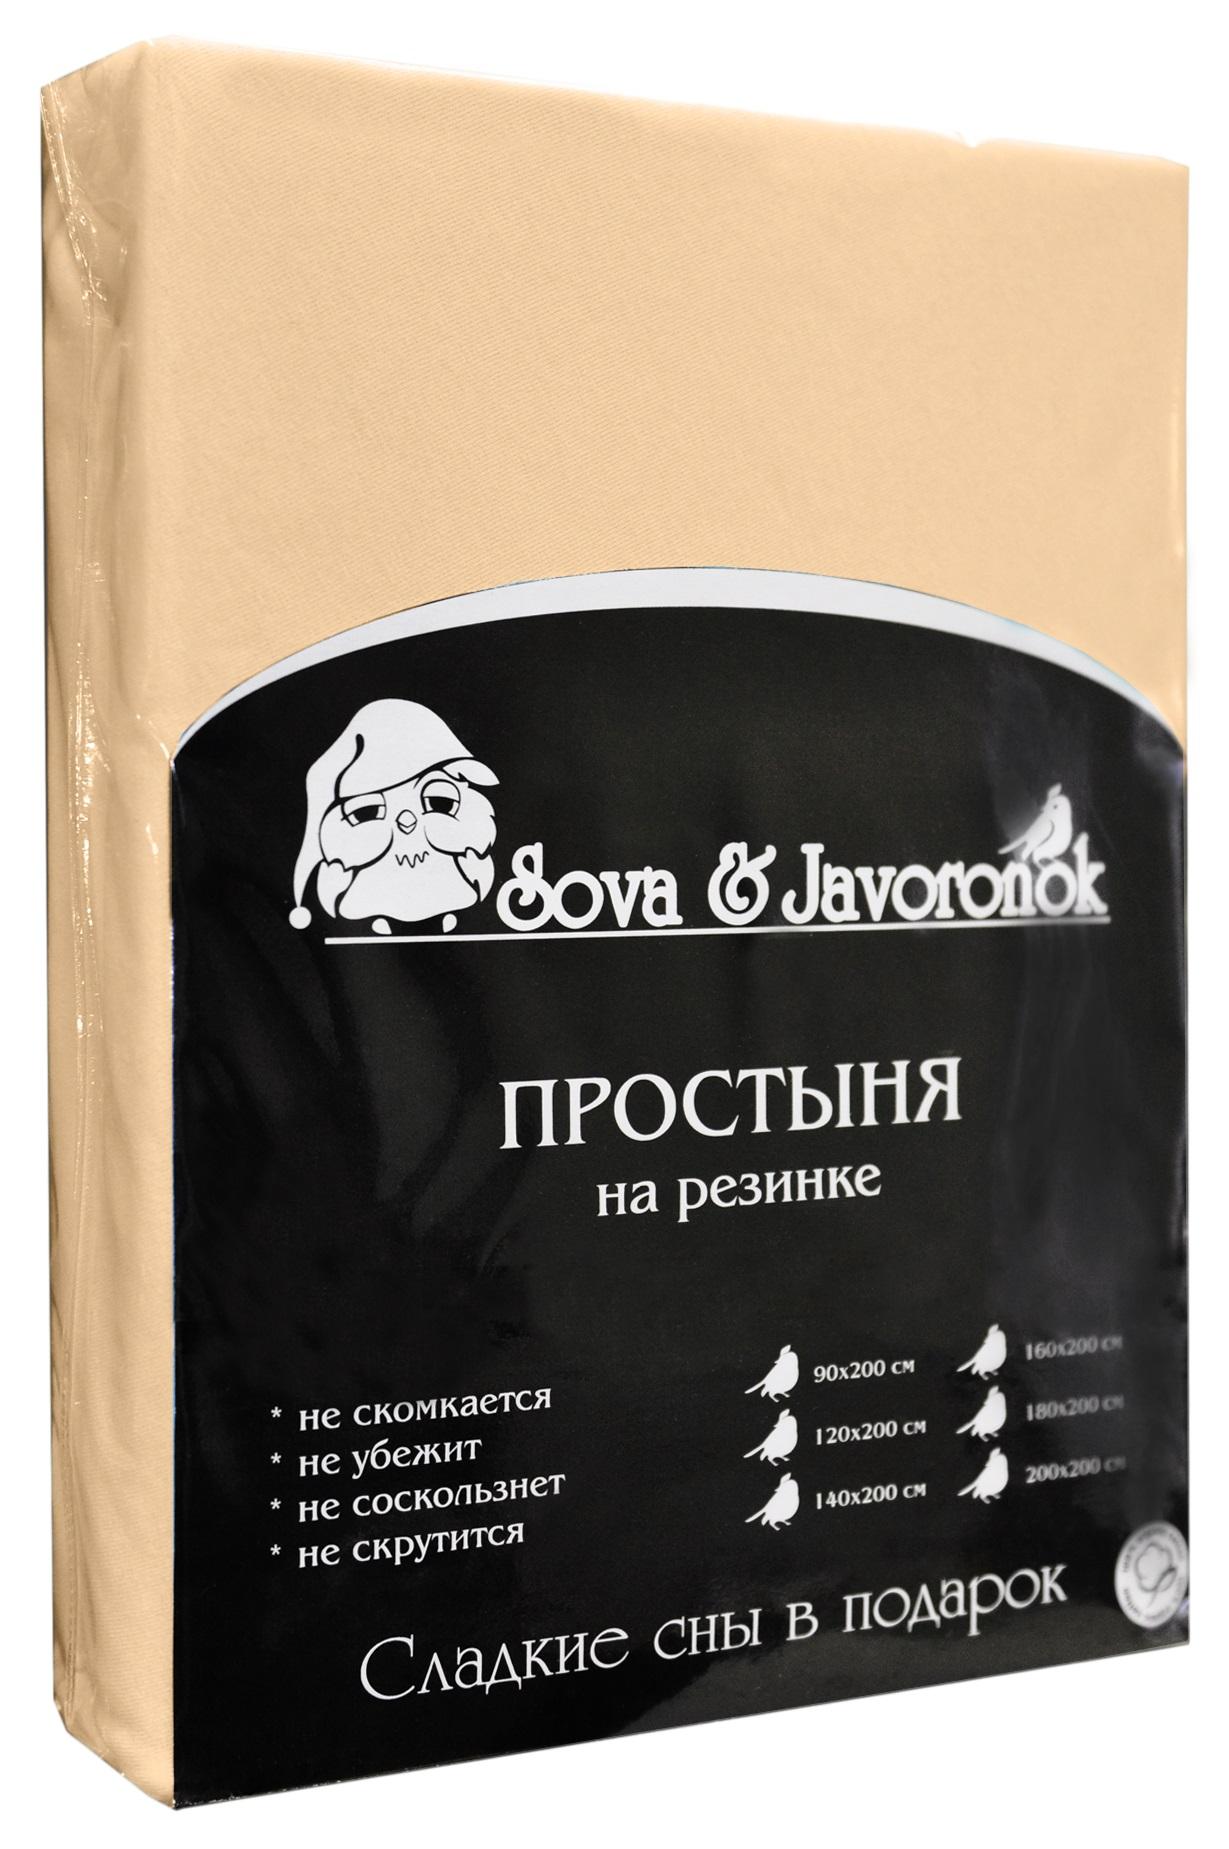 Простыня на резинке Sova & Javoronok, цвет: светло-бежевый, 200 х 200 см10503Простыня на резинке Sova & Javoronok, изготовленная из трикотажной ткани (100% хлопок), будет превосходно смотреться с любыми комплектами белья. Хлопчатобумажный трикотаж по праву считается одним из самых качественных, прочных и при этом приятных на ощупь. Его гигиеничность позволяет использовать простыню и в детских комнатах, к тому же 100%-ый хлопок в составе ткани не вызовет аллергии. У трикотажного полотна очень интересная структура, немного рыхлая за счет отсутствия плотного переплетения нитей и наличия особых петель, благодаря этому простыня Сова и Жаворонок отлично пропускает воздух и способствует его постоянной циркуляции. Поэтому ваша постель будет всегда оставаться свежей. Но главное и, пожалуй, самое известное свойство трикотажа - это его великолепная растяжимость, поэтому эта ткань и была выбрана для натяжной простыни на резинке.Простыня прошита резинкой по всему периметру, что обеспечивает более комфортный отдых, так как она прочно удерживается на матрасе и избавляет от необходимости часто поправлять простыню.